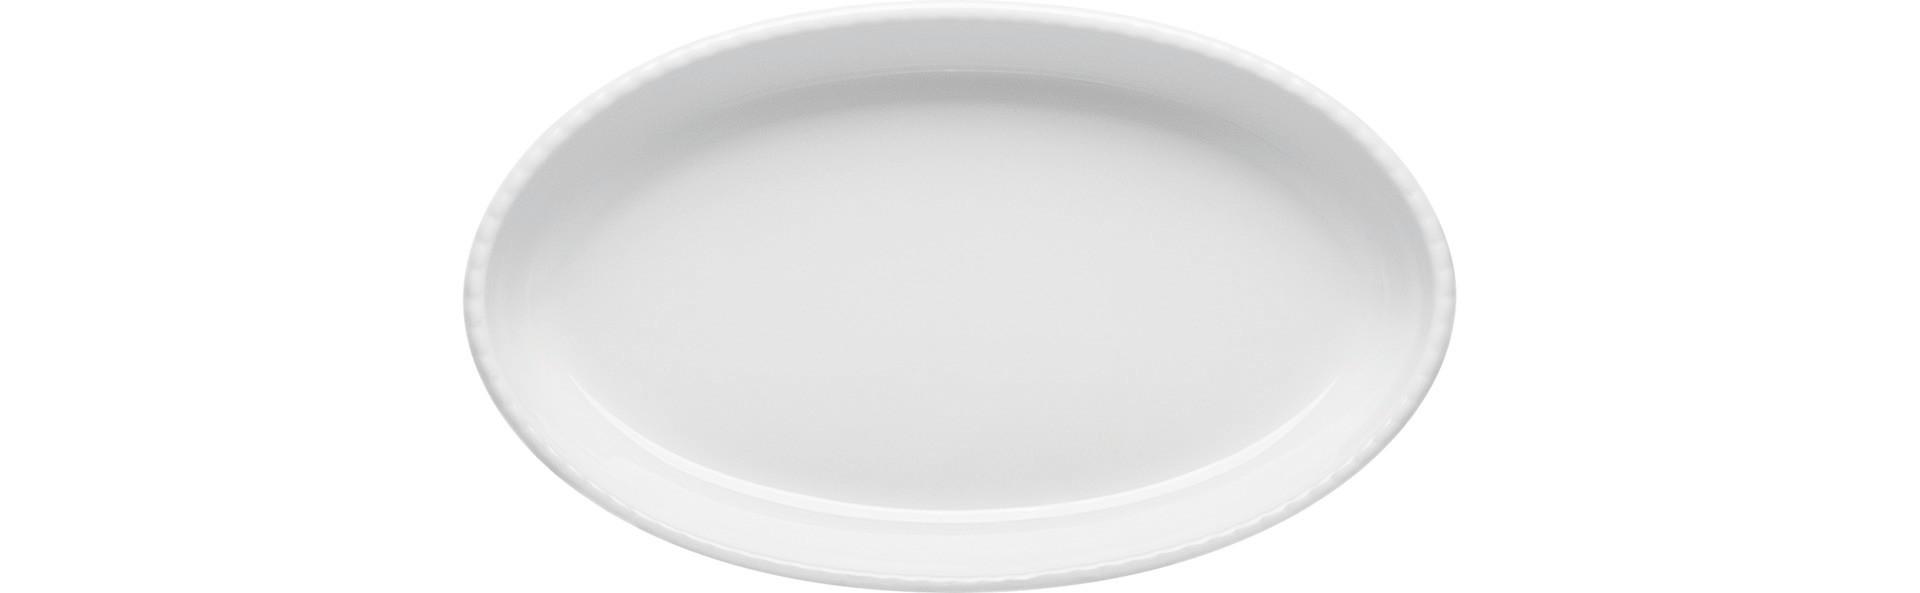 Luzifer, Backform oval 233 x 134 x 33 mm / 0,46 l